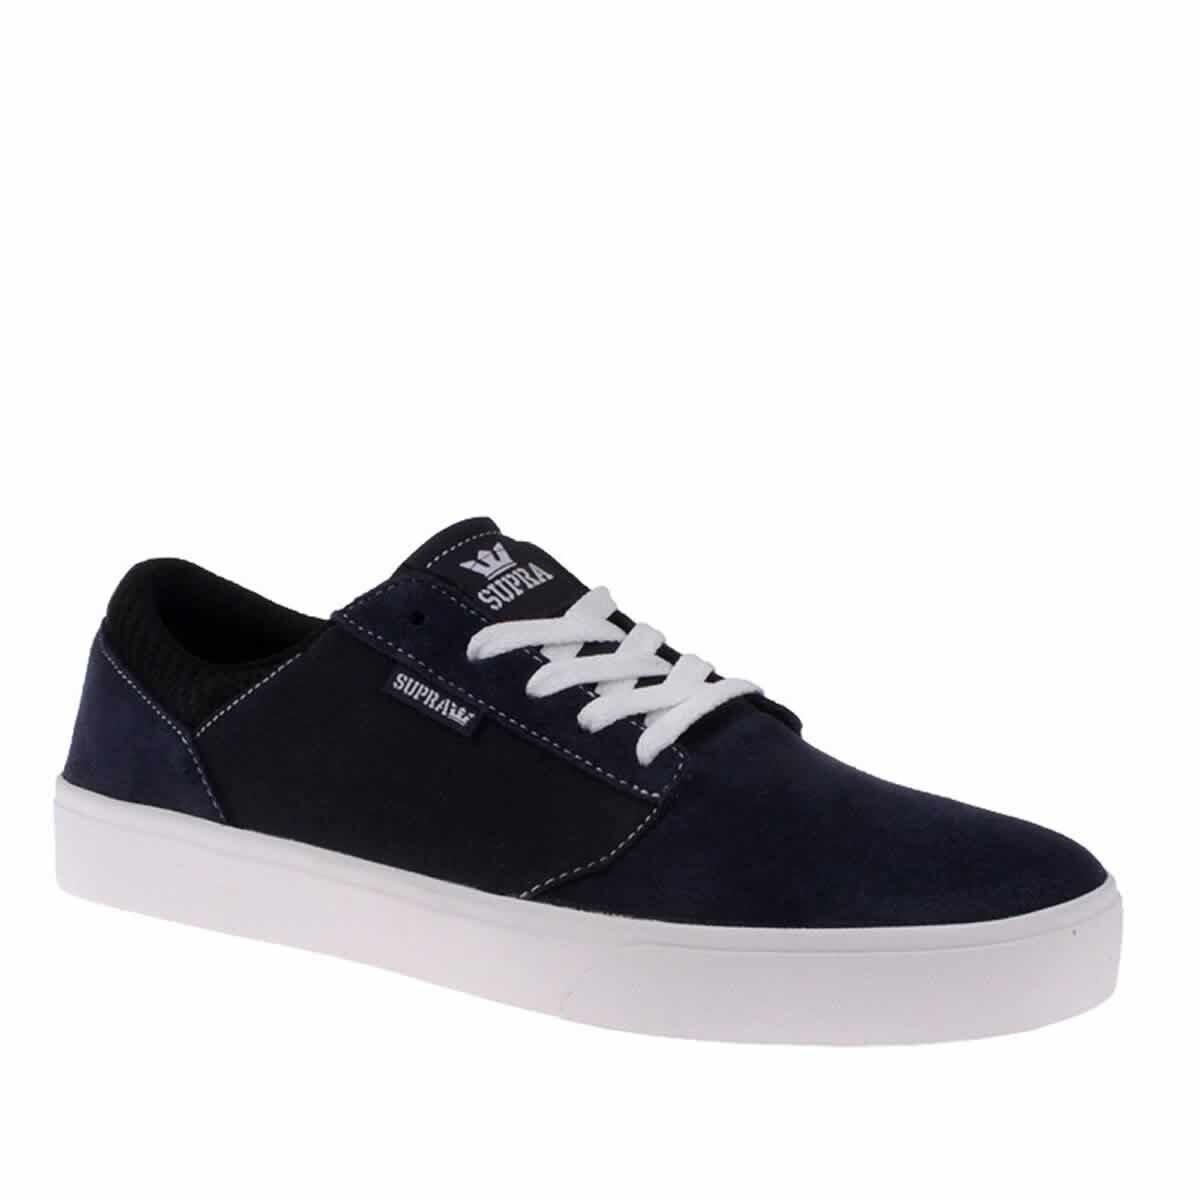 RENKSIZ Erkek Oxford Ayakkabı 1SUPM2017010